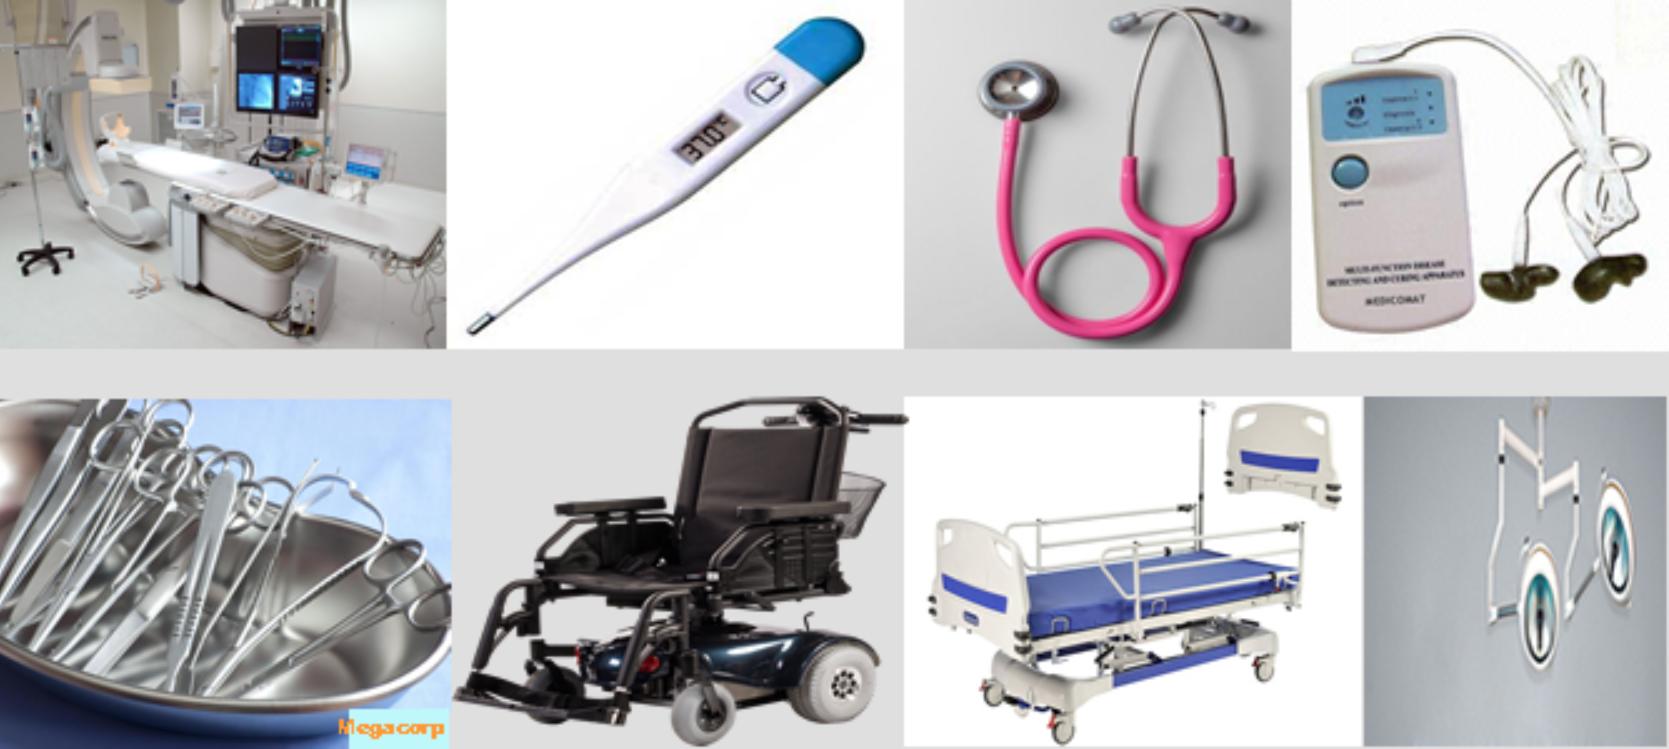 의료기기 제조 기업과 제휴